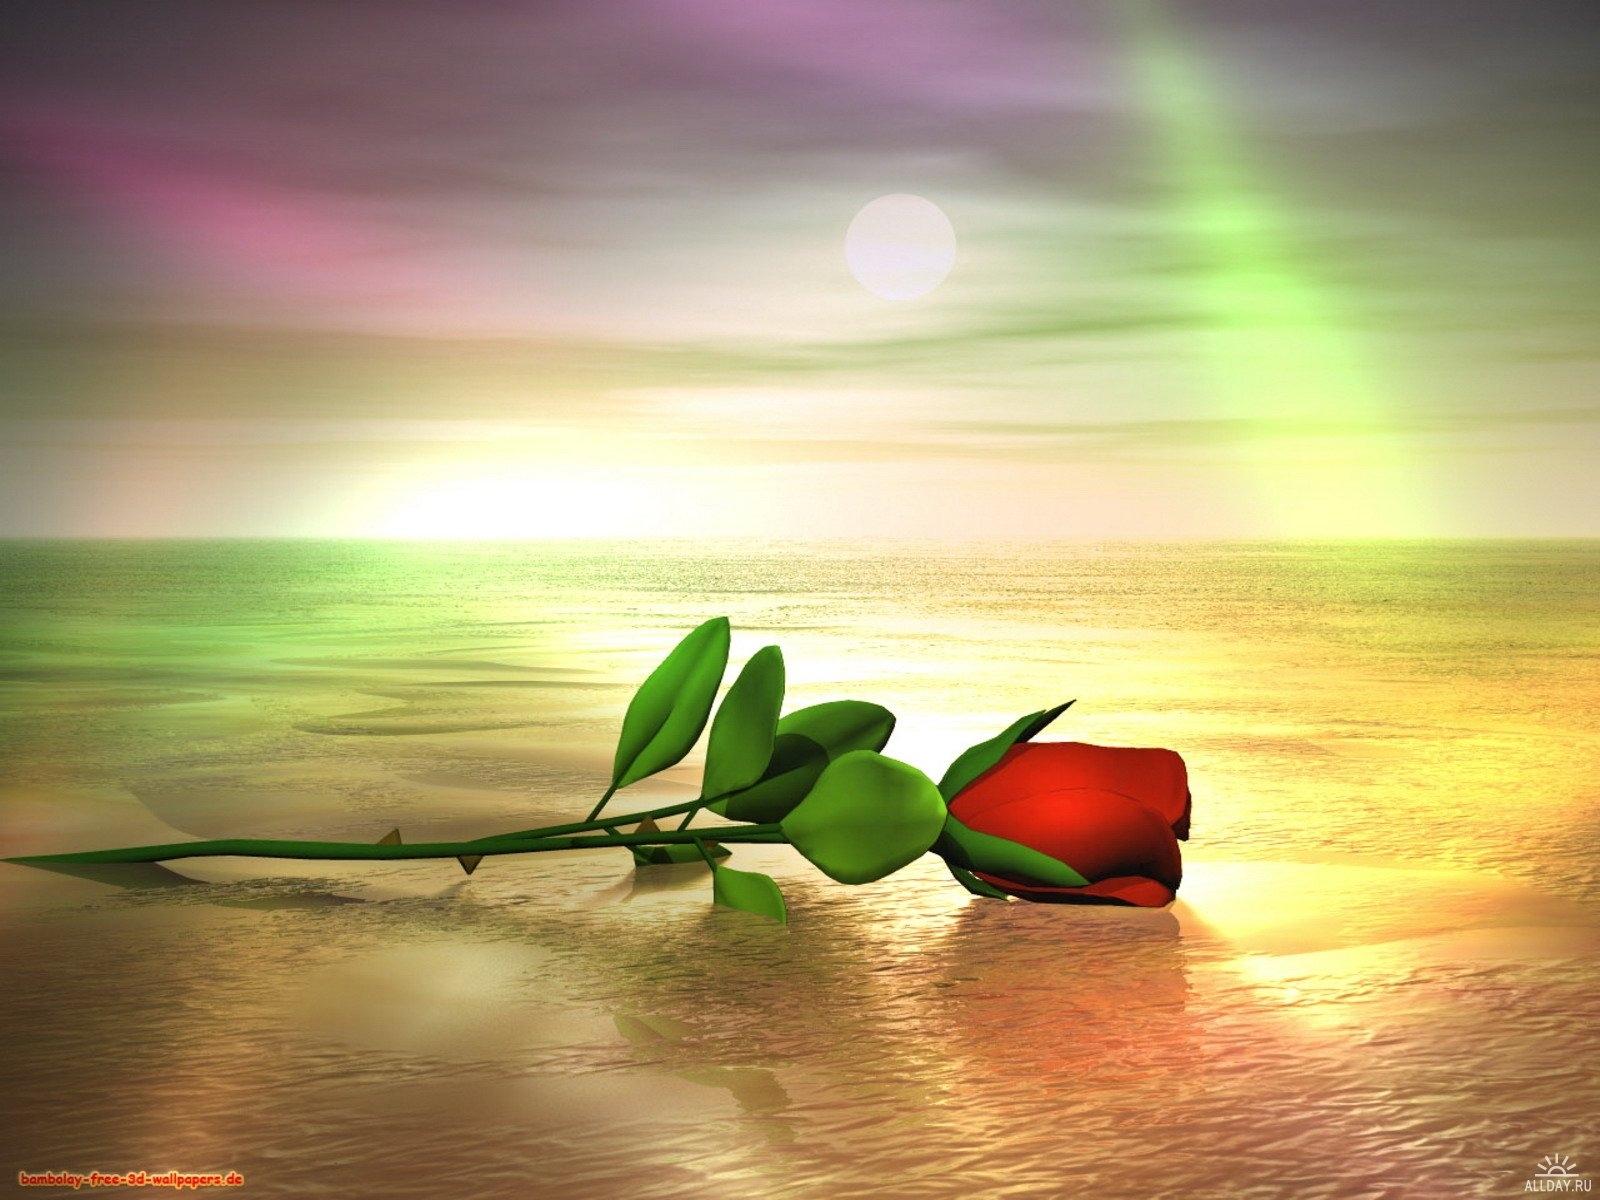 7728 скачать обои Растения, Цветы, Арт, Розы, Море - заставки и картинки бесплатно